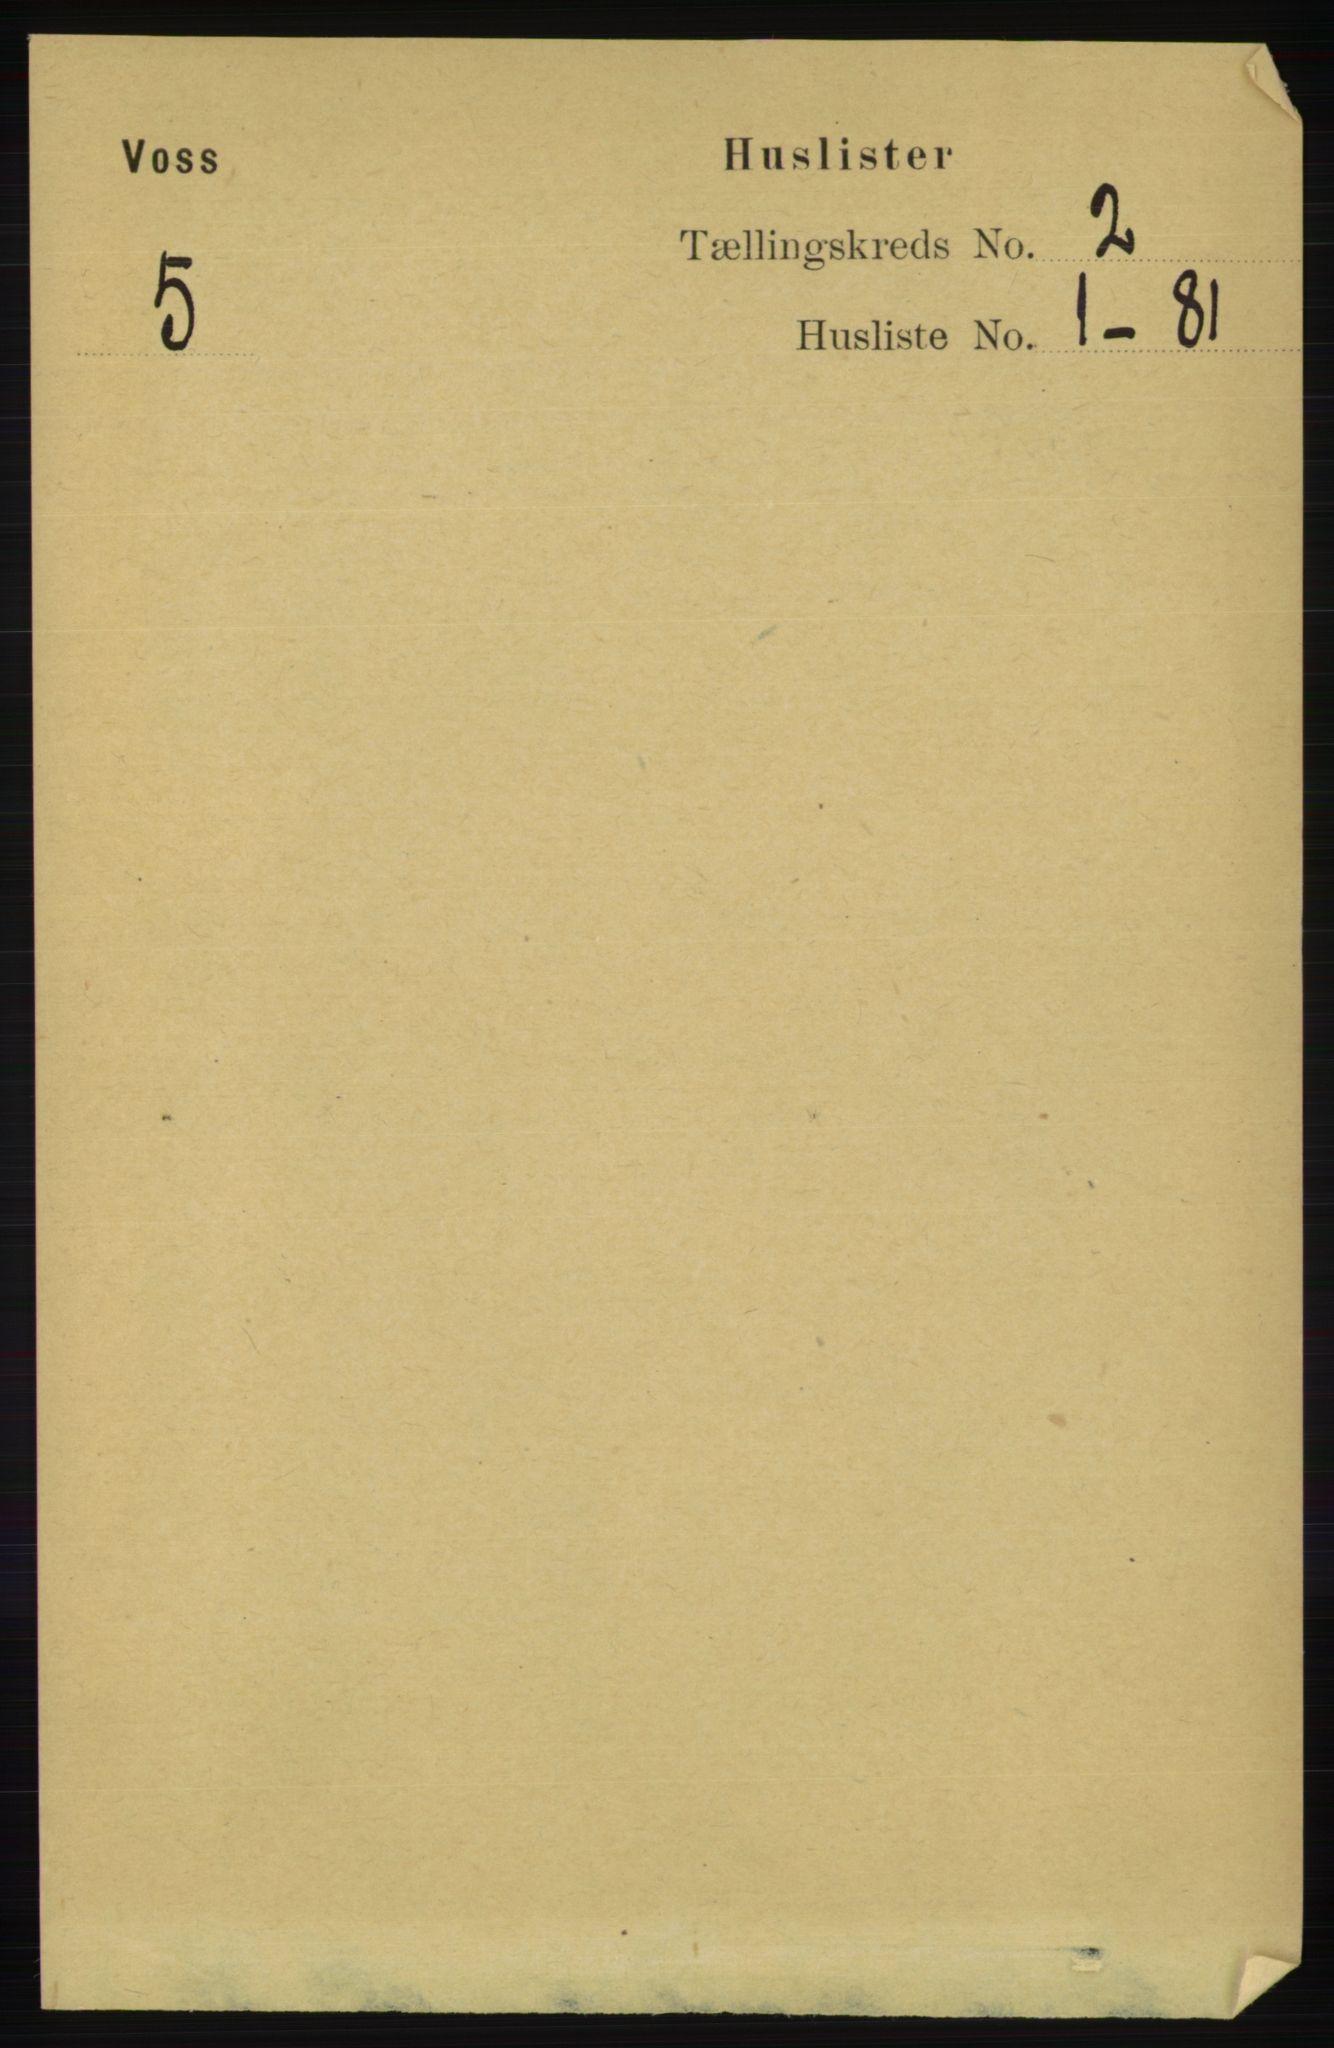 RA, Folketelling 1891 for 1235 Voss herred, 1891, s. 542